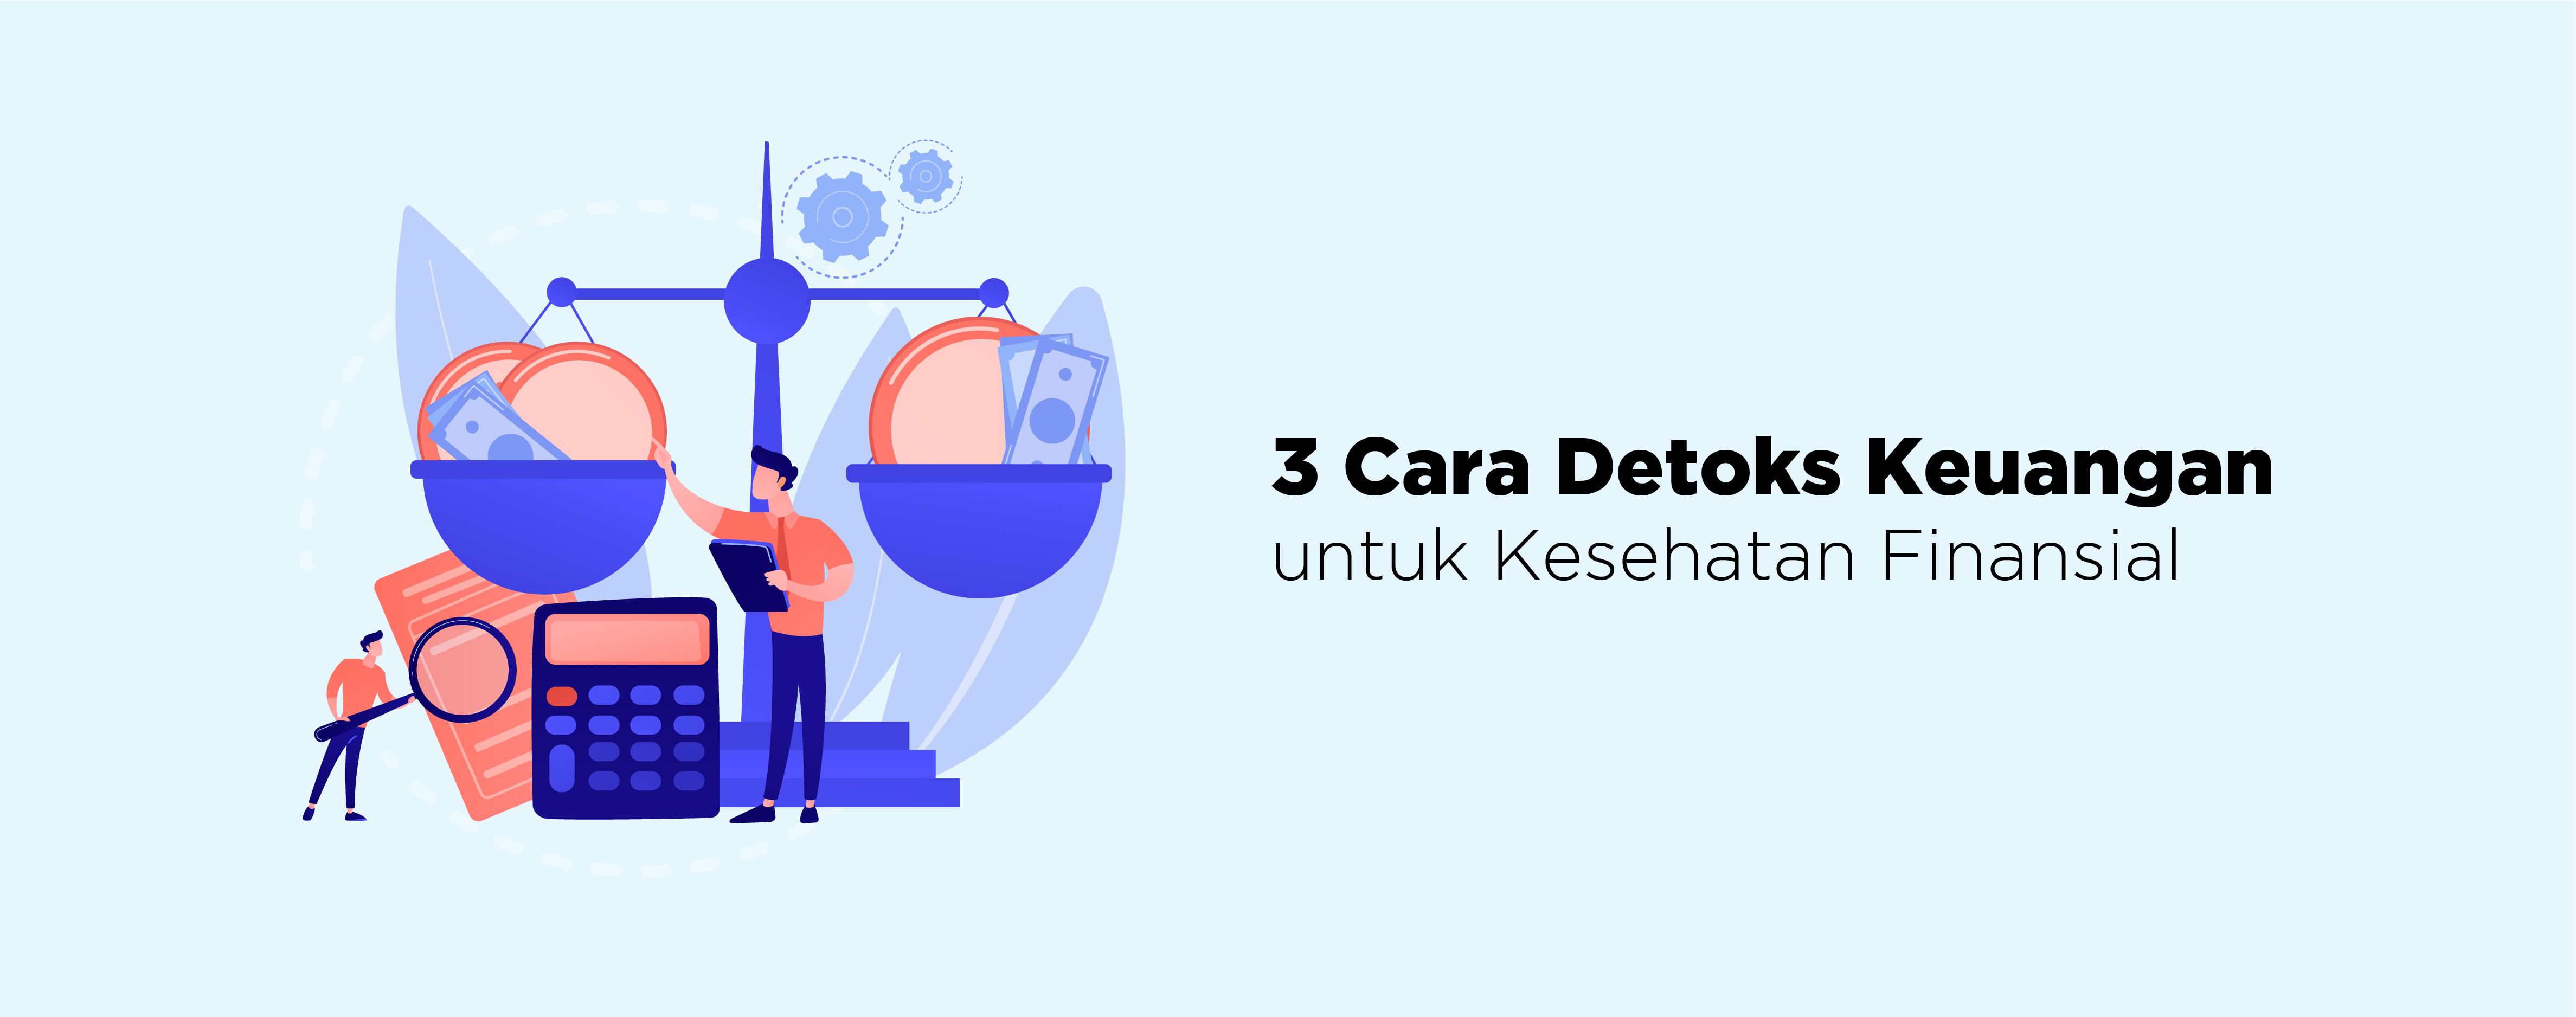 3 CARA DETOKS KEUANGAN UNTUK KESEHATAN FINANSIAL